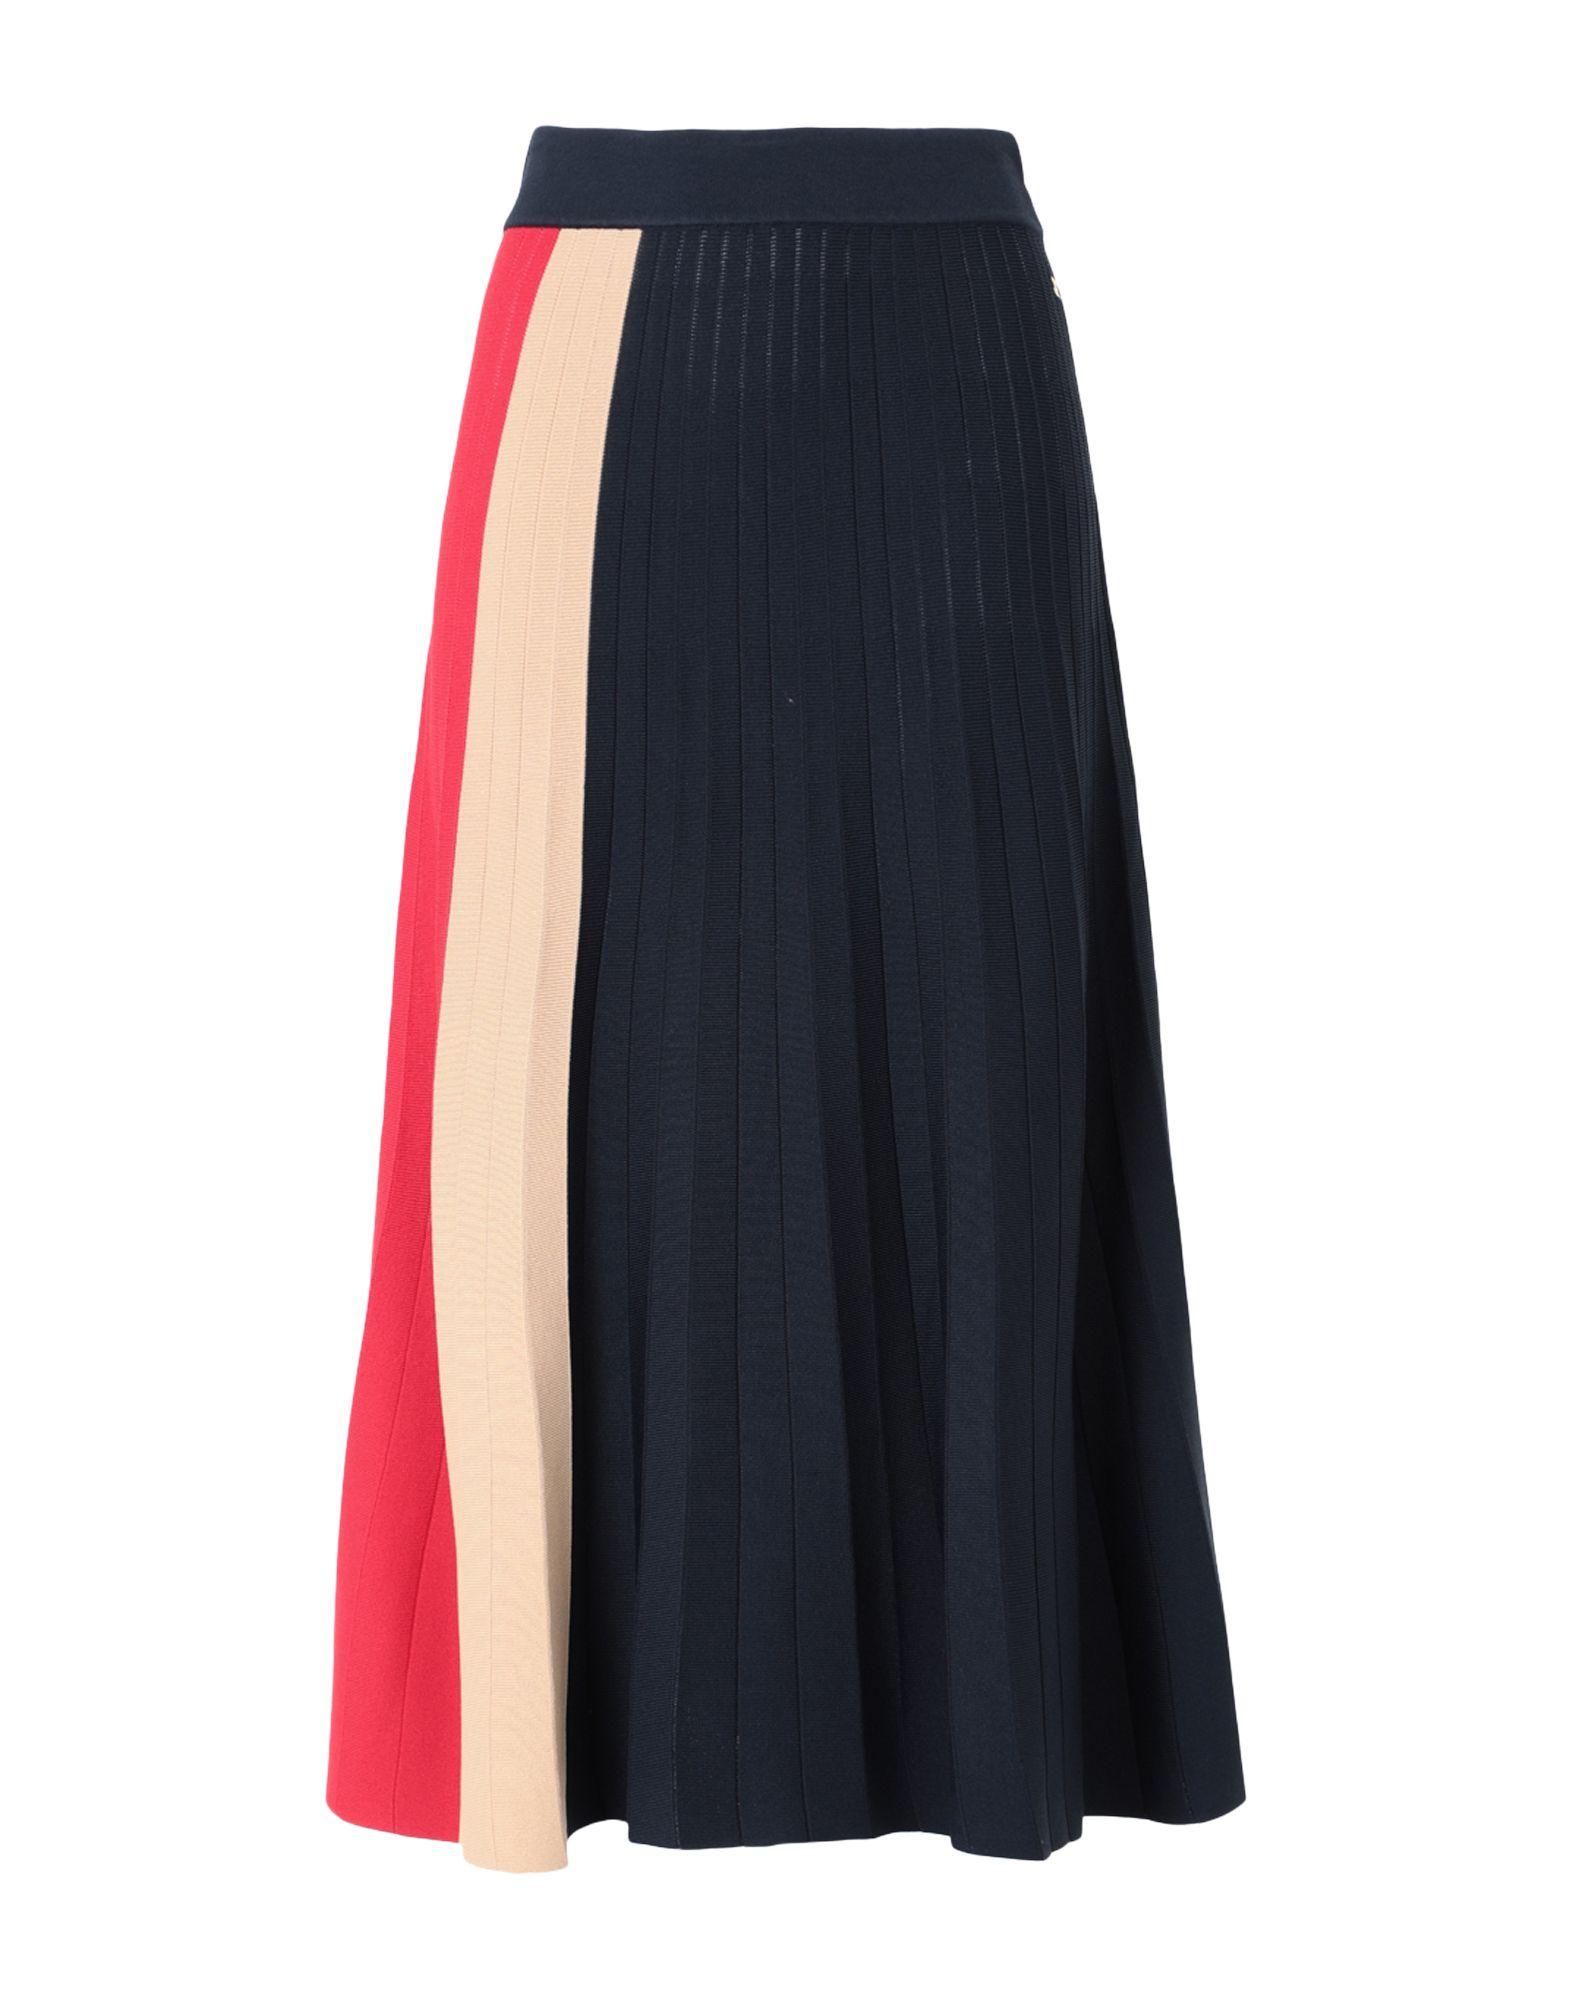 Фото - TOMMY HILFIGER Юбка длиной 3/4 hilfiger collection юбка длиной 3 4